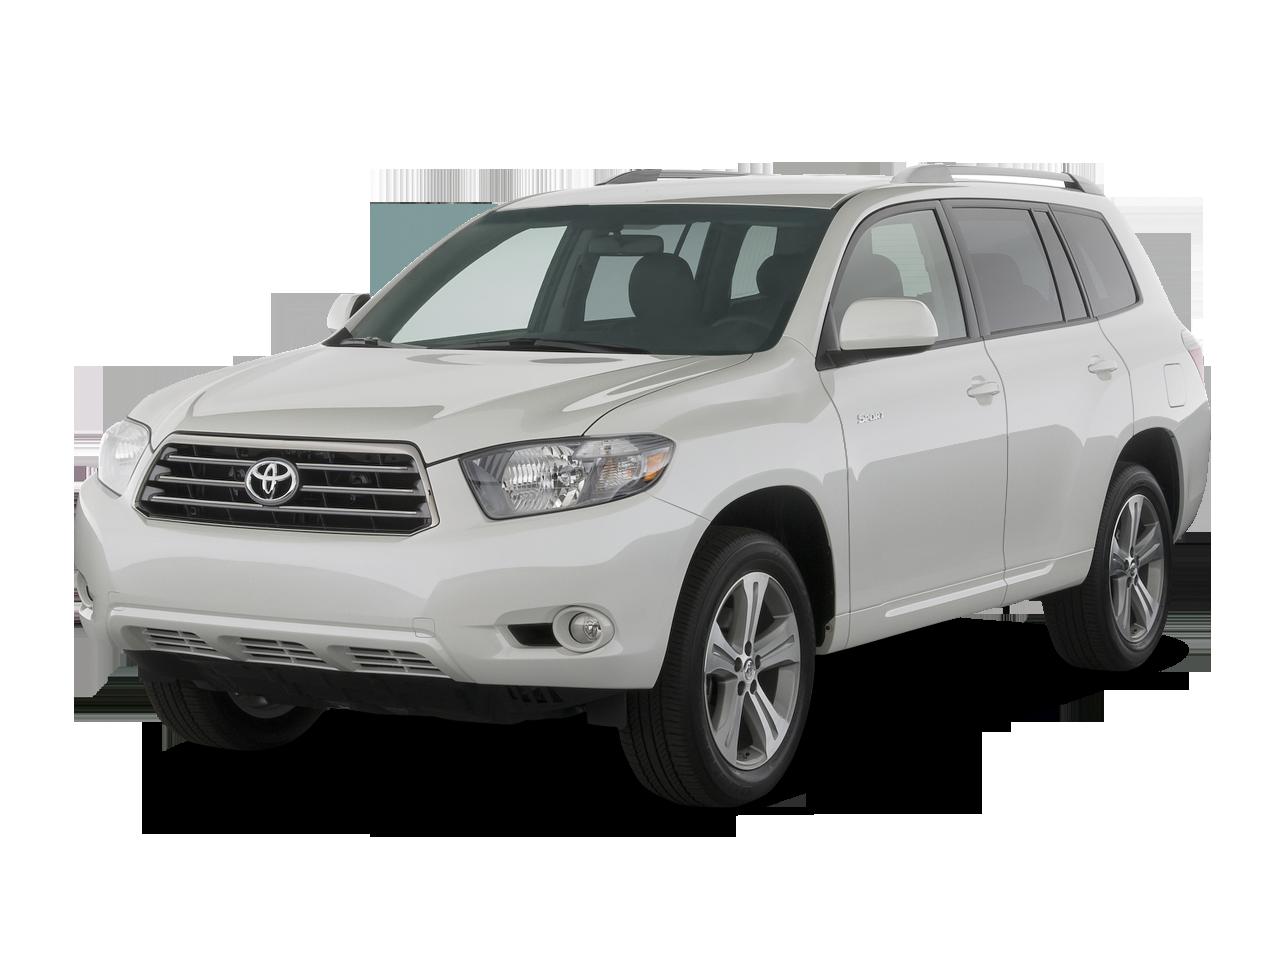 Лобовое стекло Toyota Highlander/Kluger с обогревом (2007-2014)